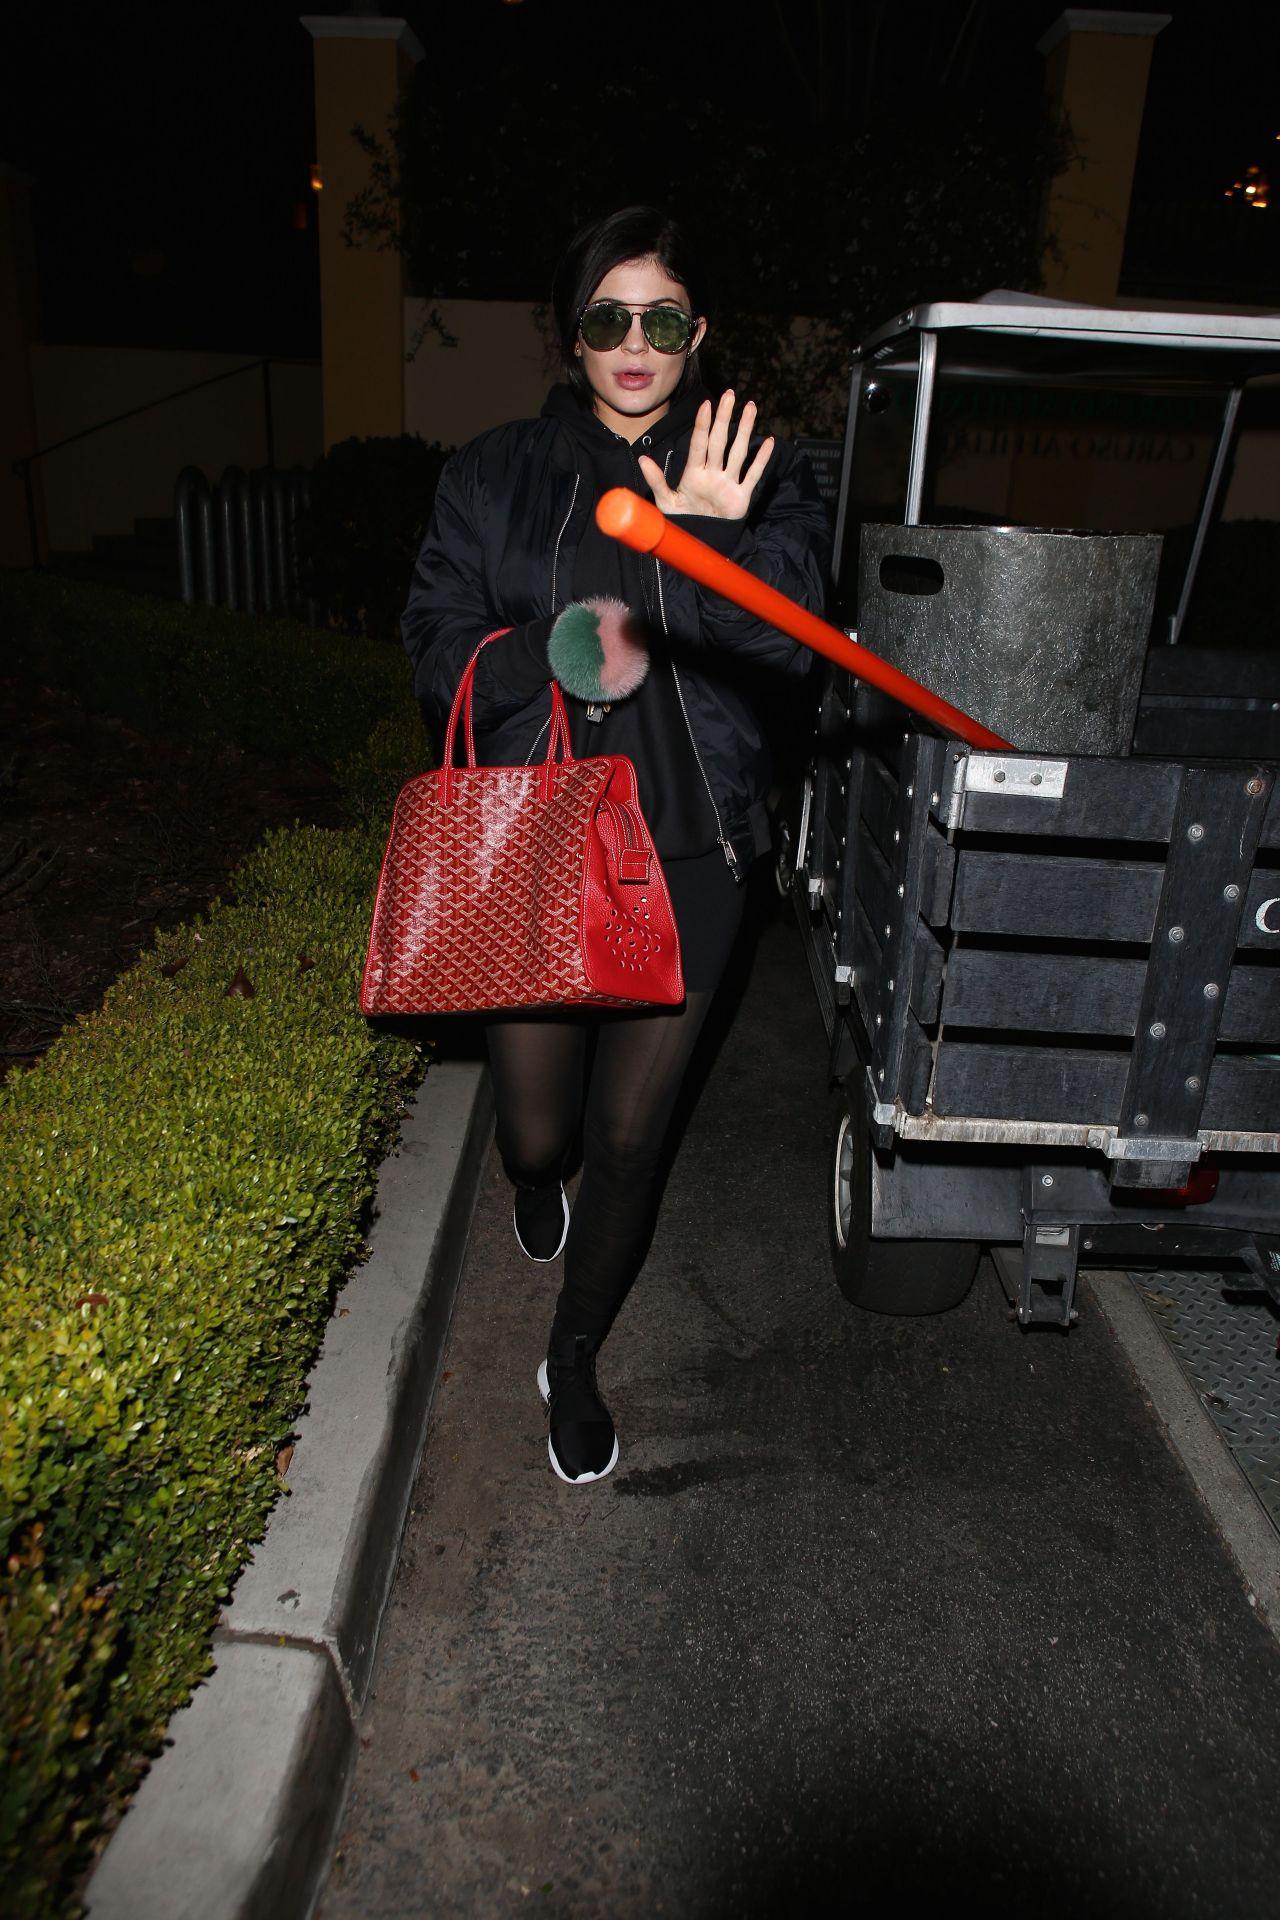 Kylie Jenner Street Style Out La 1 29 2016